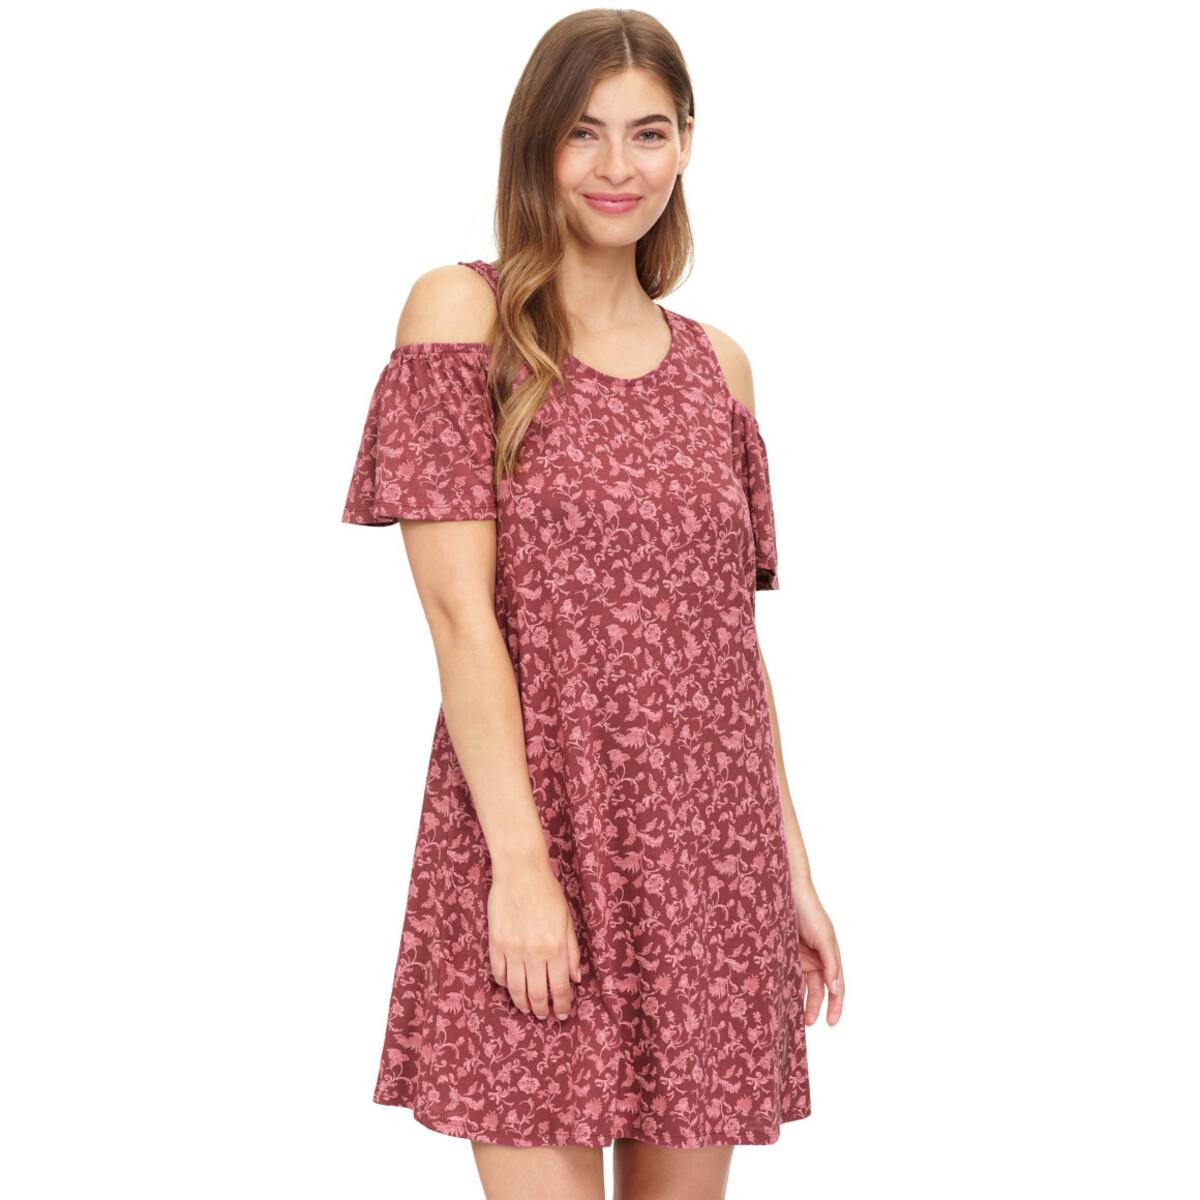 Bild 3 von Damen Kleid im Cold-Shoulder-Look